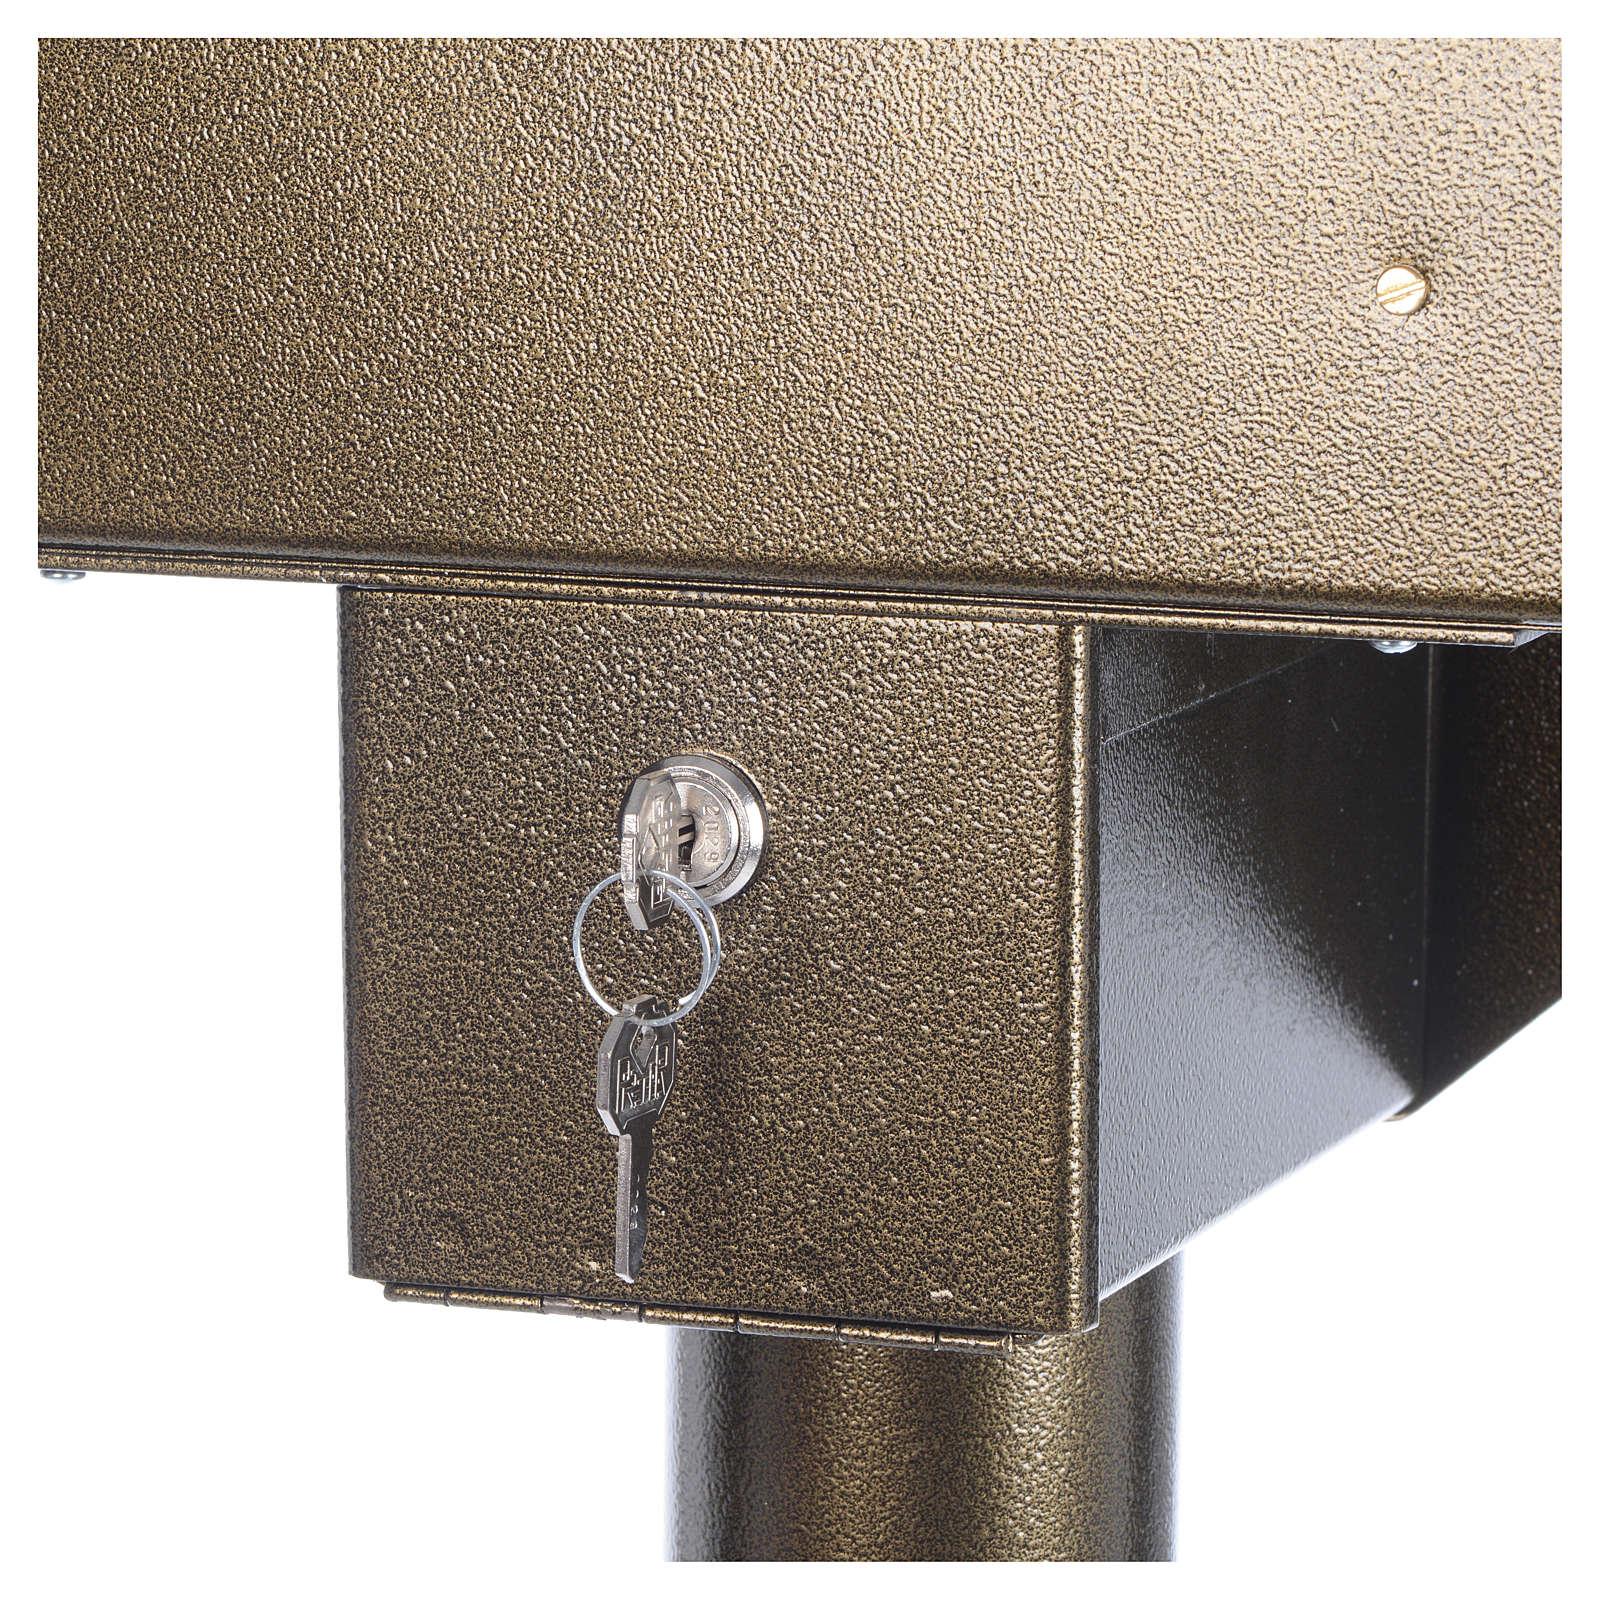 Votivo elettrico offerte a 31 candele lampadine 12 V pulsanti 4